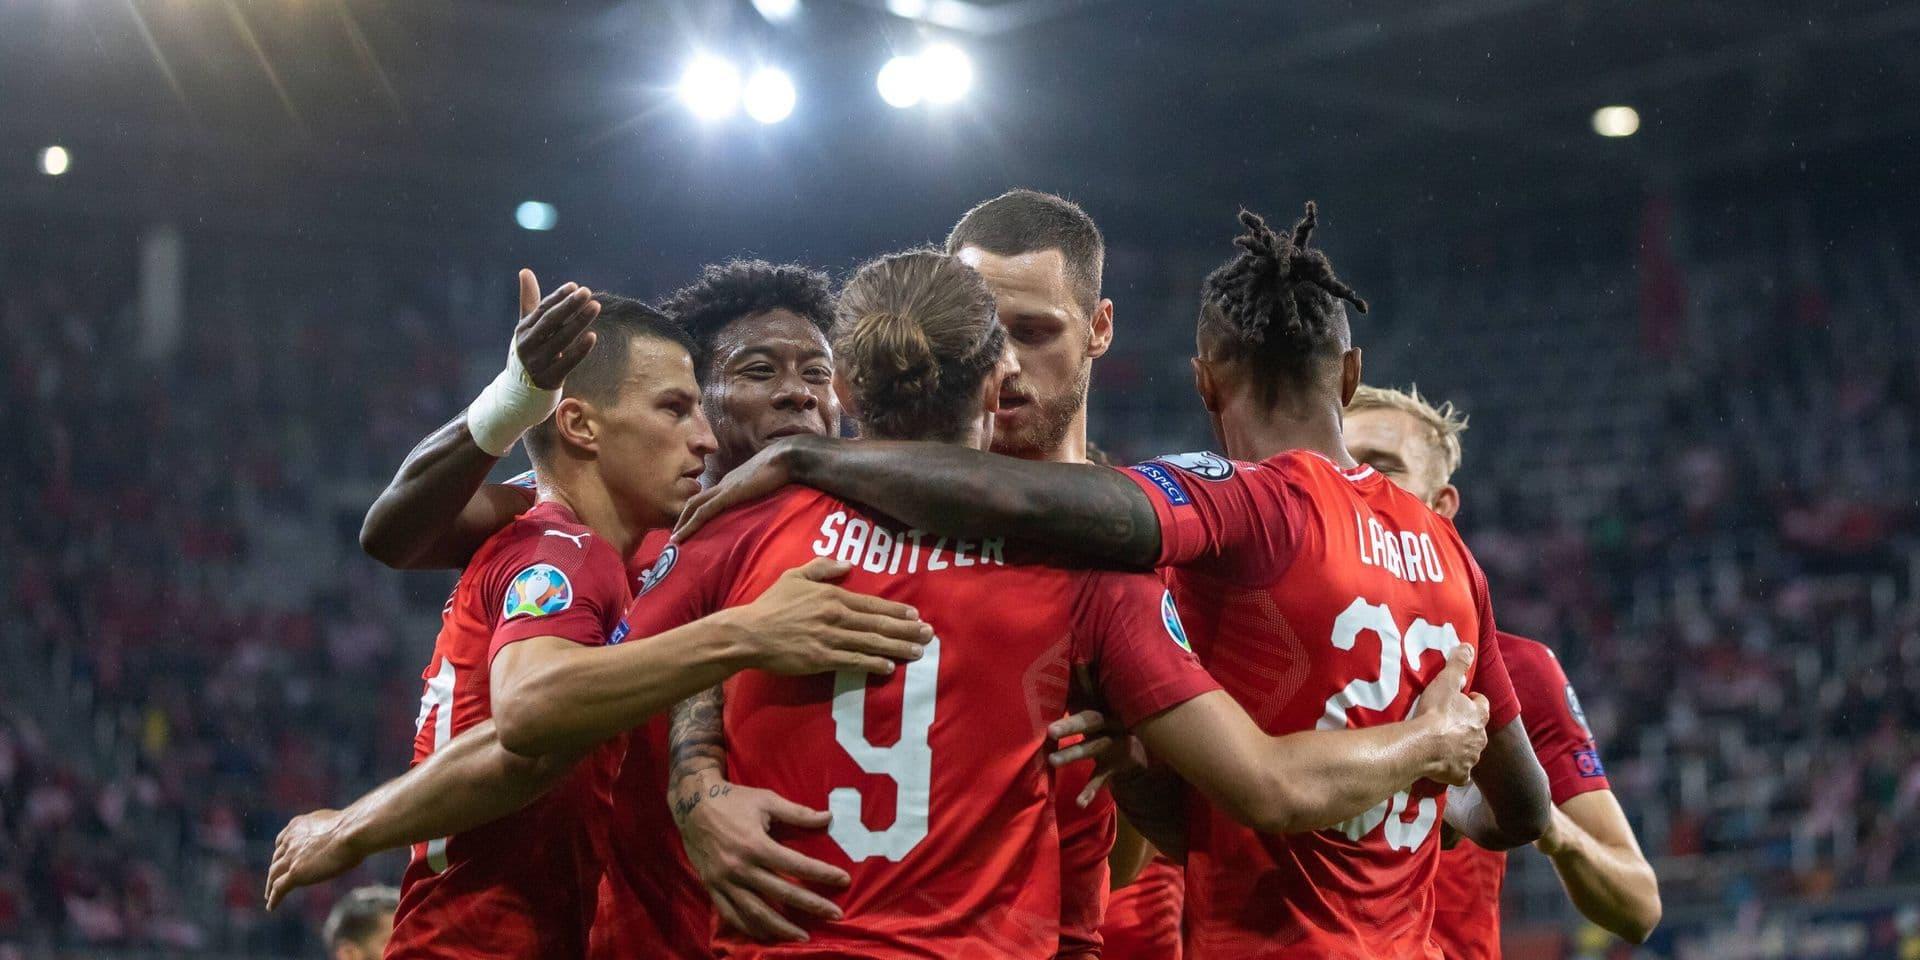 L'équipe autrichienne, après des tirs au but réussis